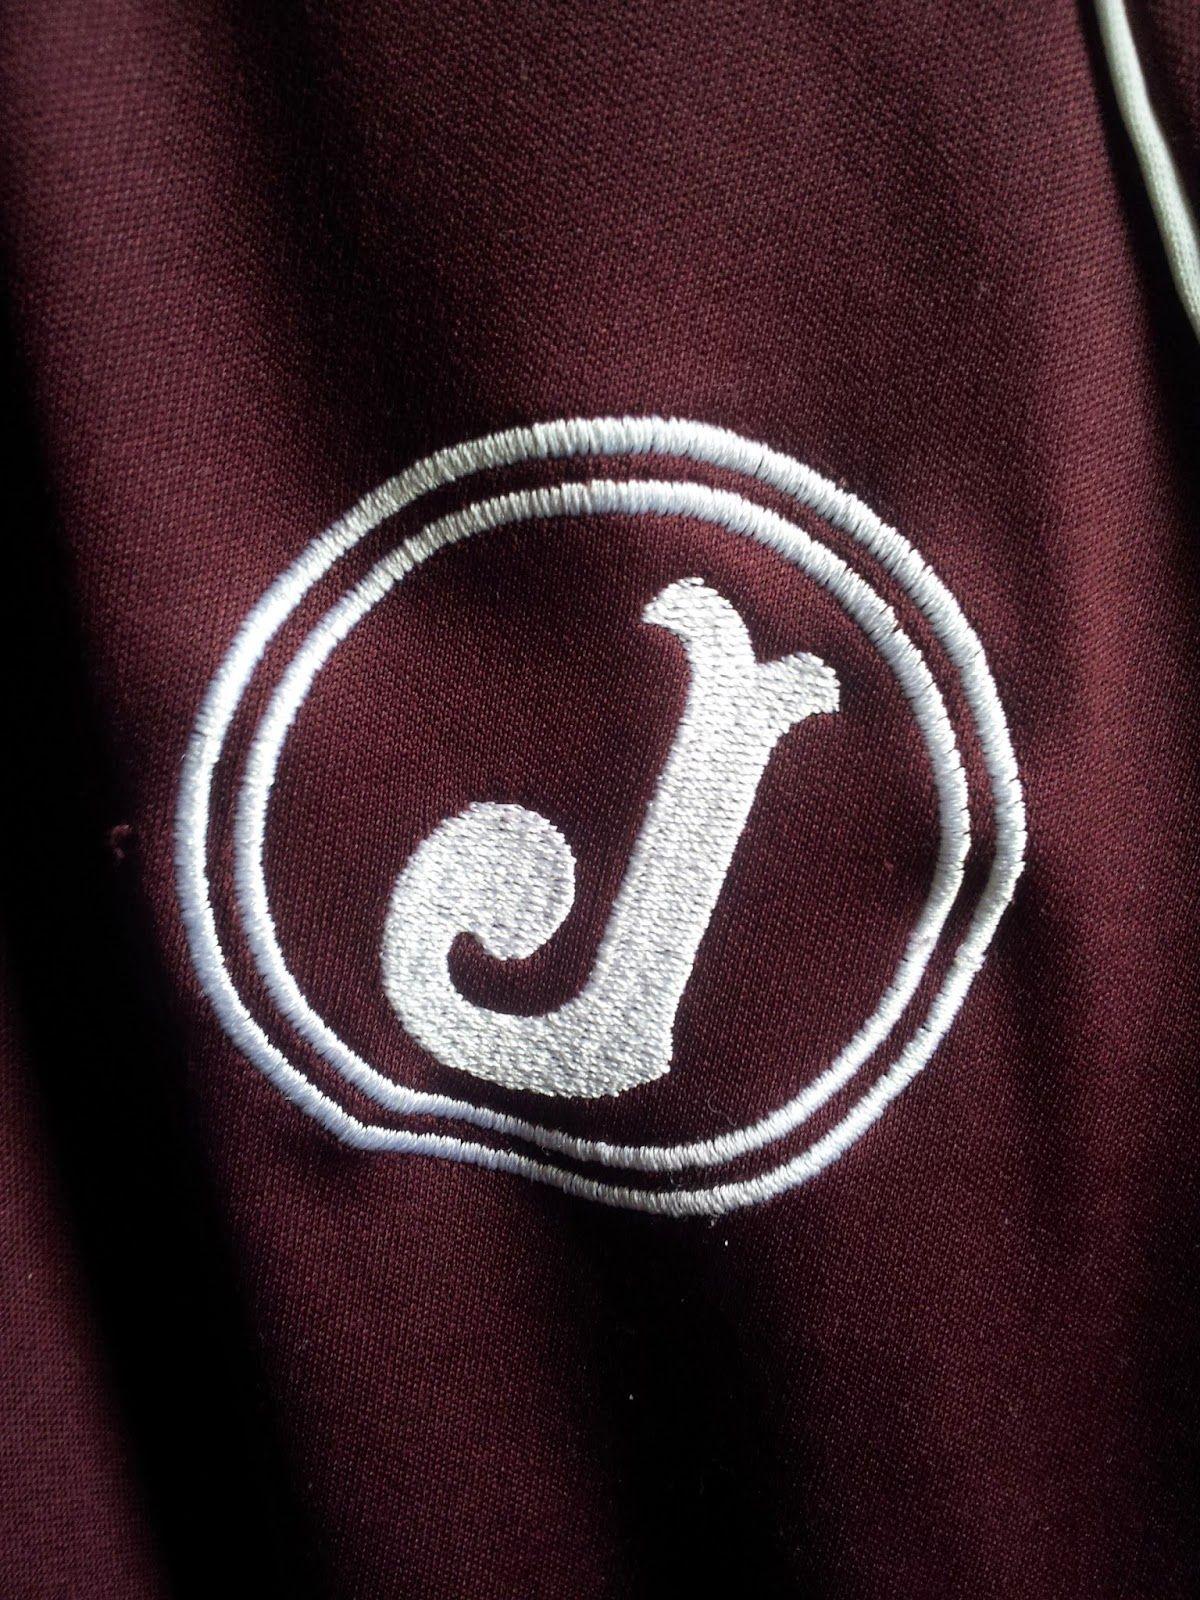 fabio minha colecao de camisa 5 c a juventus juventus camisa de futebol futebol camisa de futebol